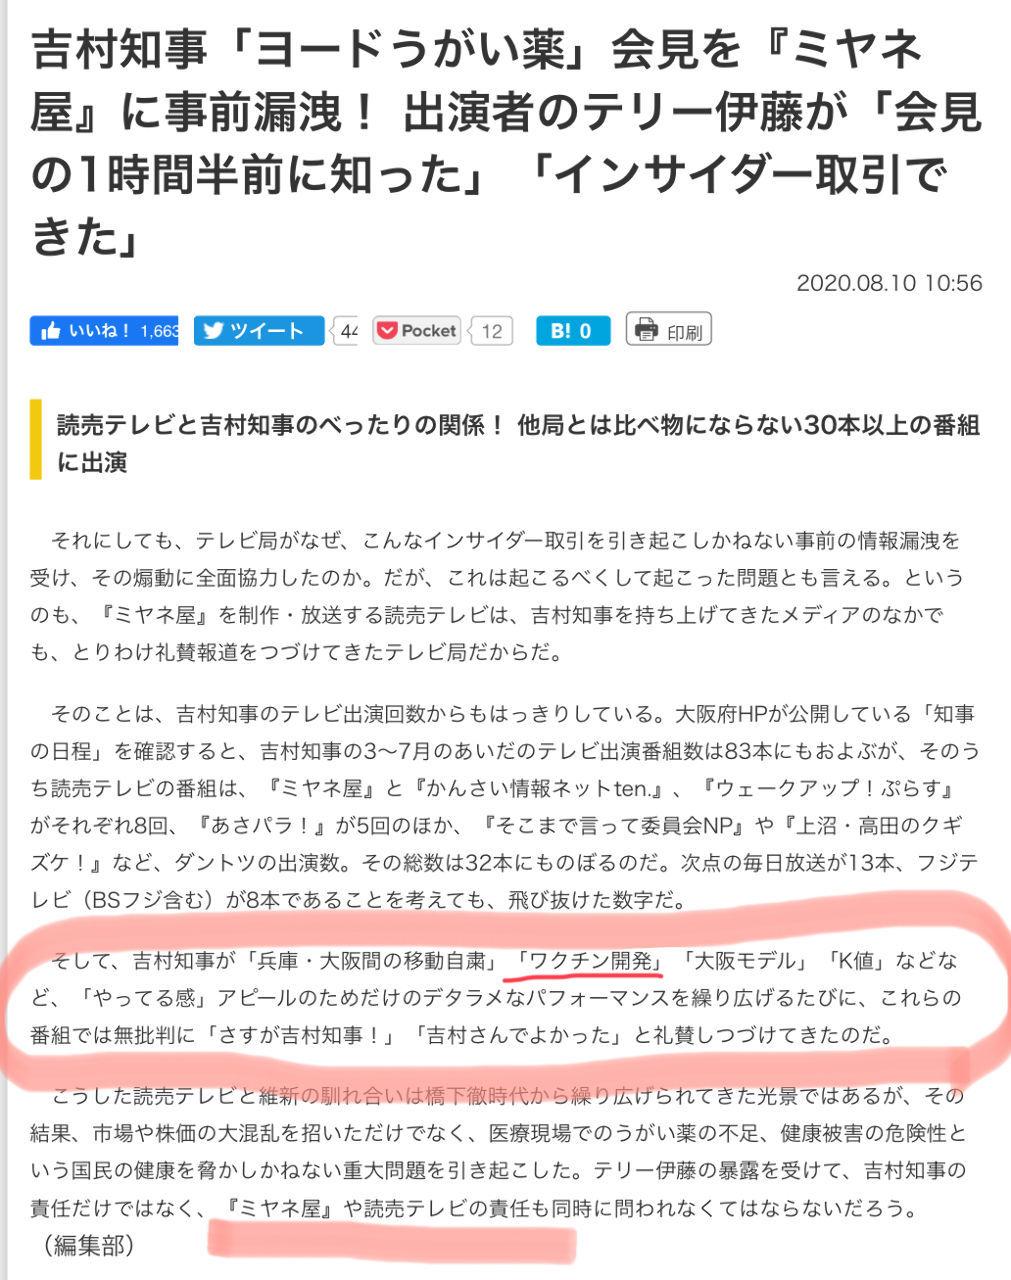 テイラーラボ ボロ株  tweetより  合わせてこちらもどうぞ(꜆ ˙-˙ )꜆  →政府、吉本に10